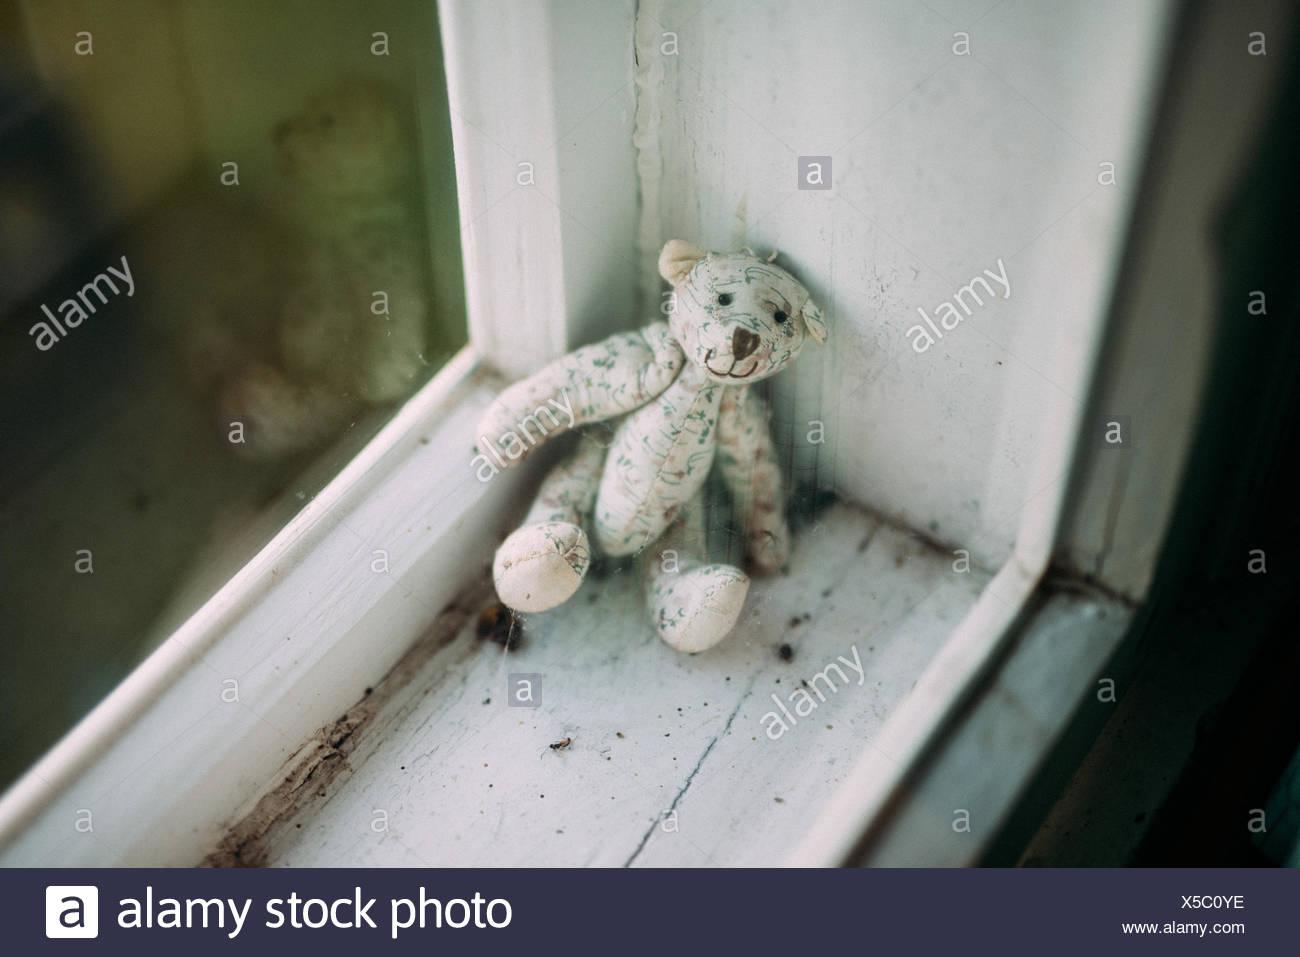 Angolo di Alta Vista del giocattolo imbottito sul davanzale di casa Immagini Stock